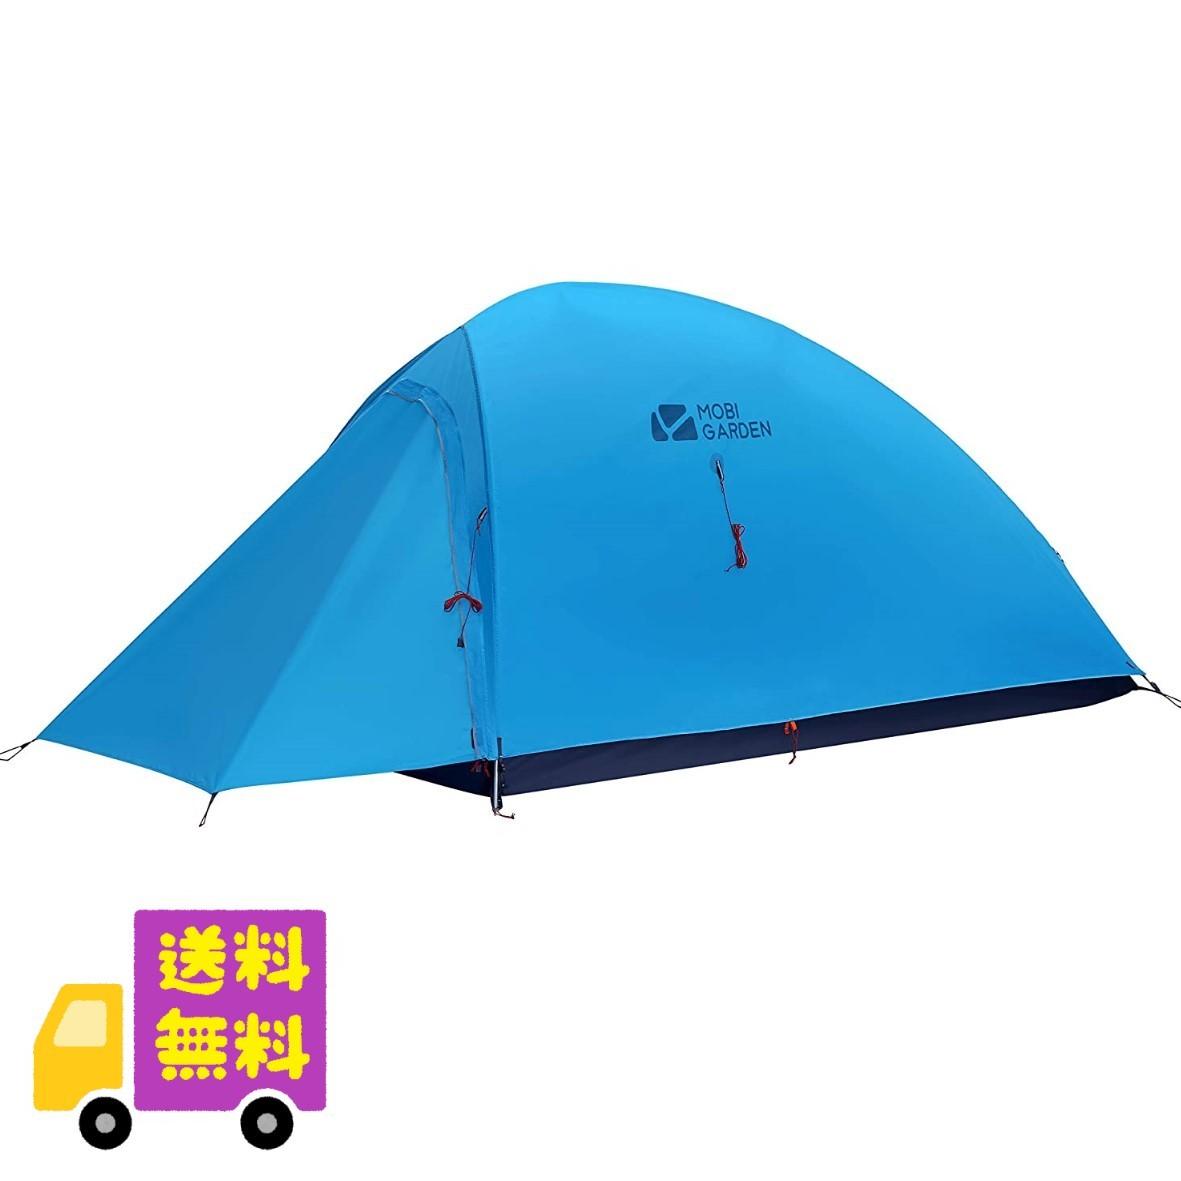 【高品質 1人用テント 】ソロ テント 軽量 コンパクト 登山 ツーリング 自転車 キャンプ ソロキャン 日本正規品